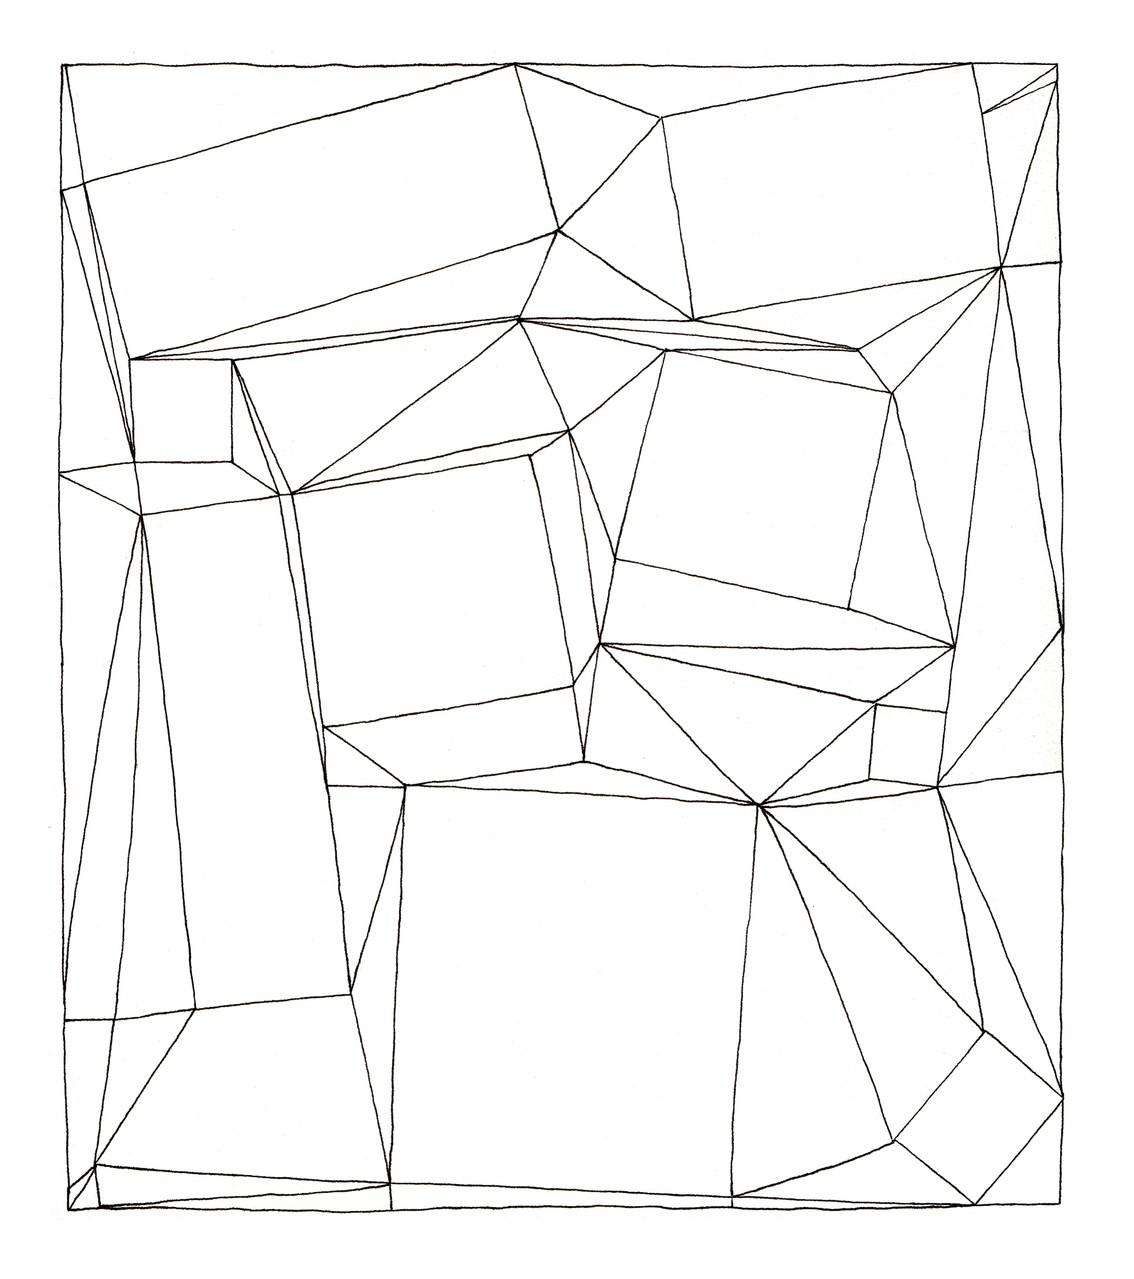 UTTARAYAN « pliage cadré – version 10 » - 2014 Pilot Vball 5 sur papier Clairefontaine grain léger 224g / 21x23,7cm